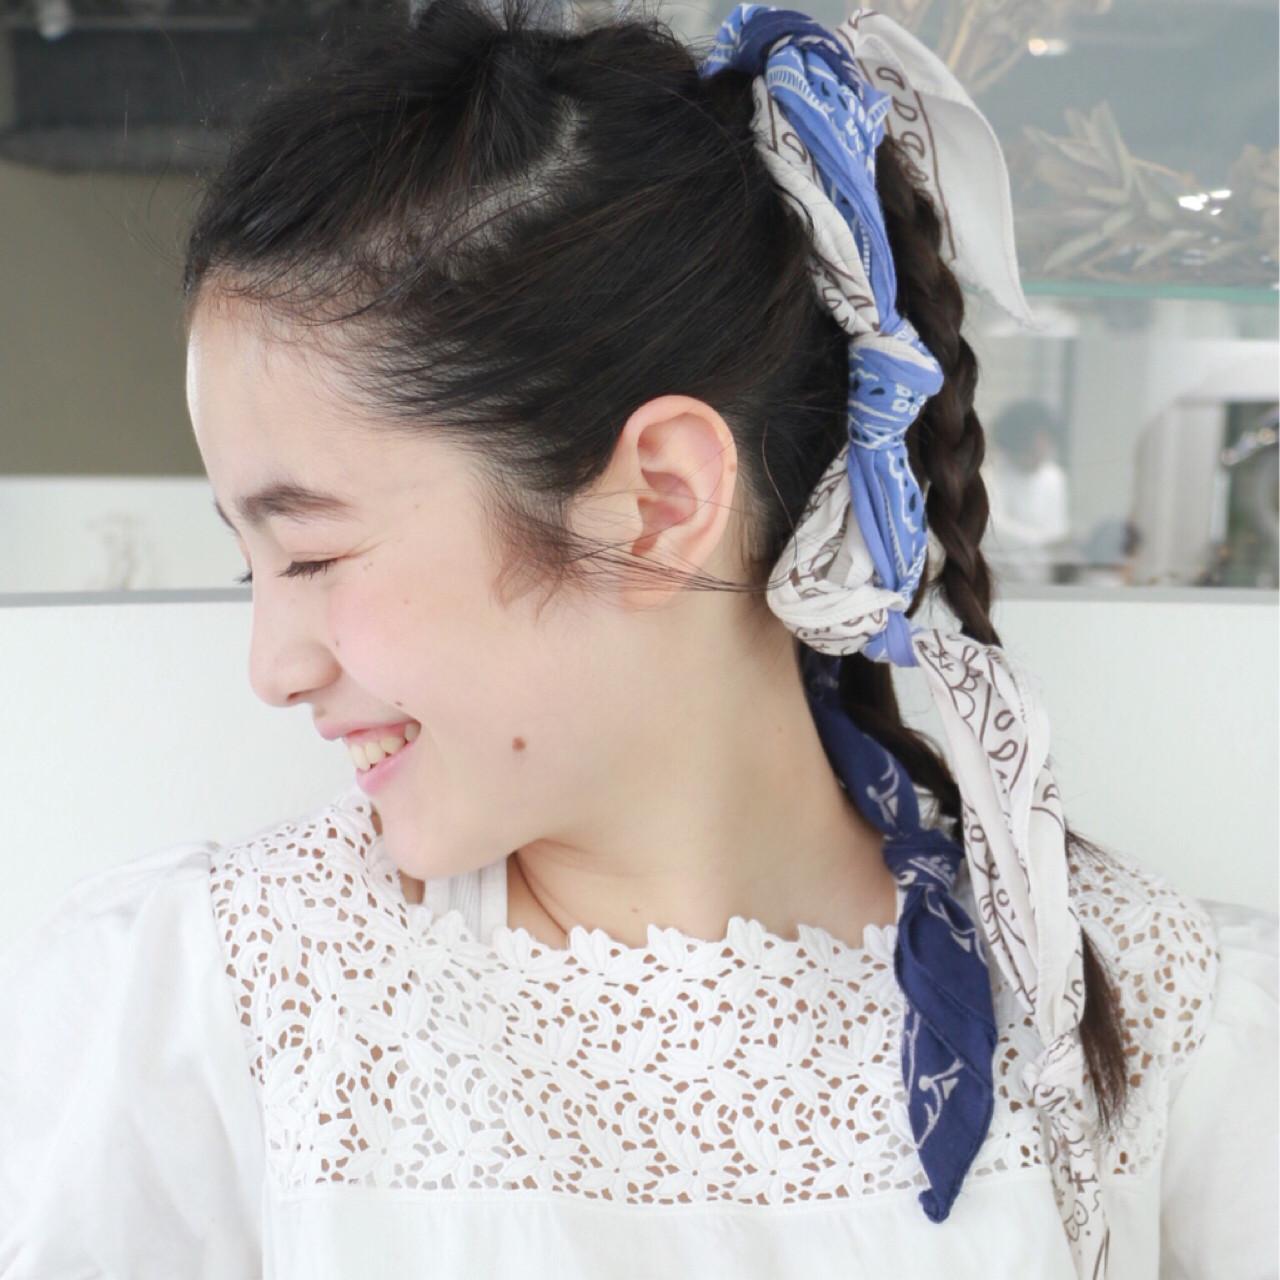 シンプルファッションにマッチ!バンダナを使ったおすすめヘアアレンジ 高橋 忍 | nanuk渋谷店(ナヌーク)